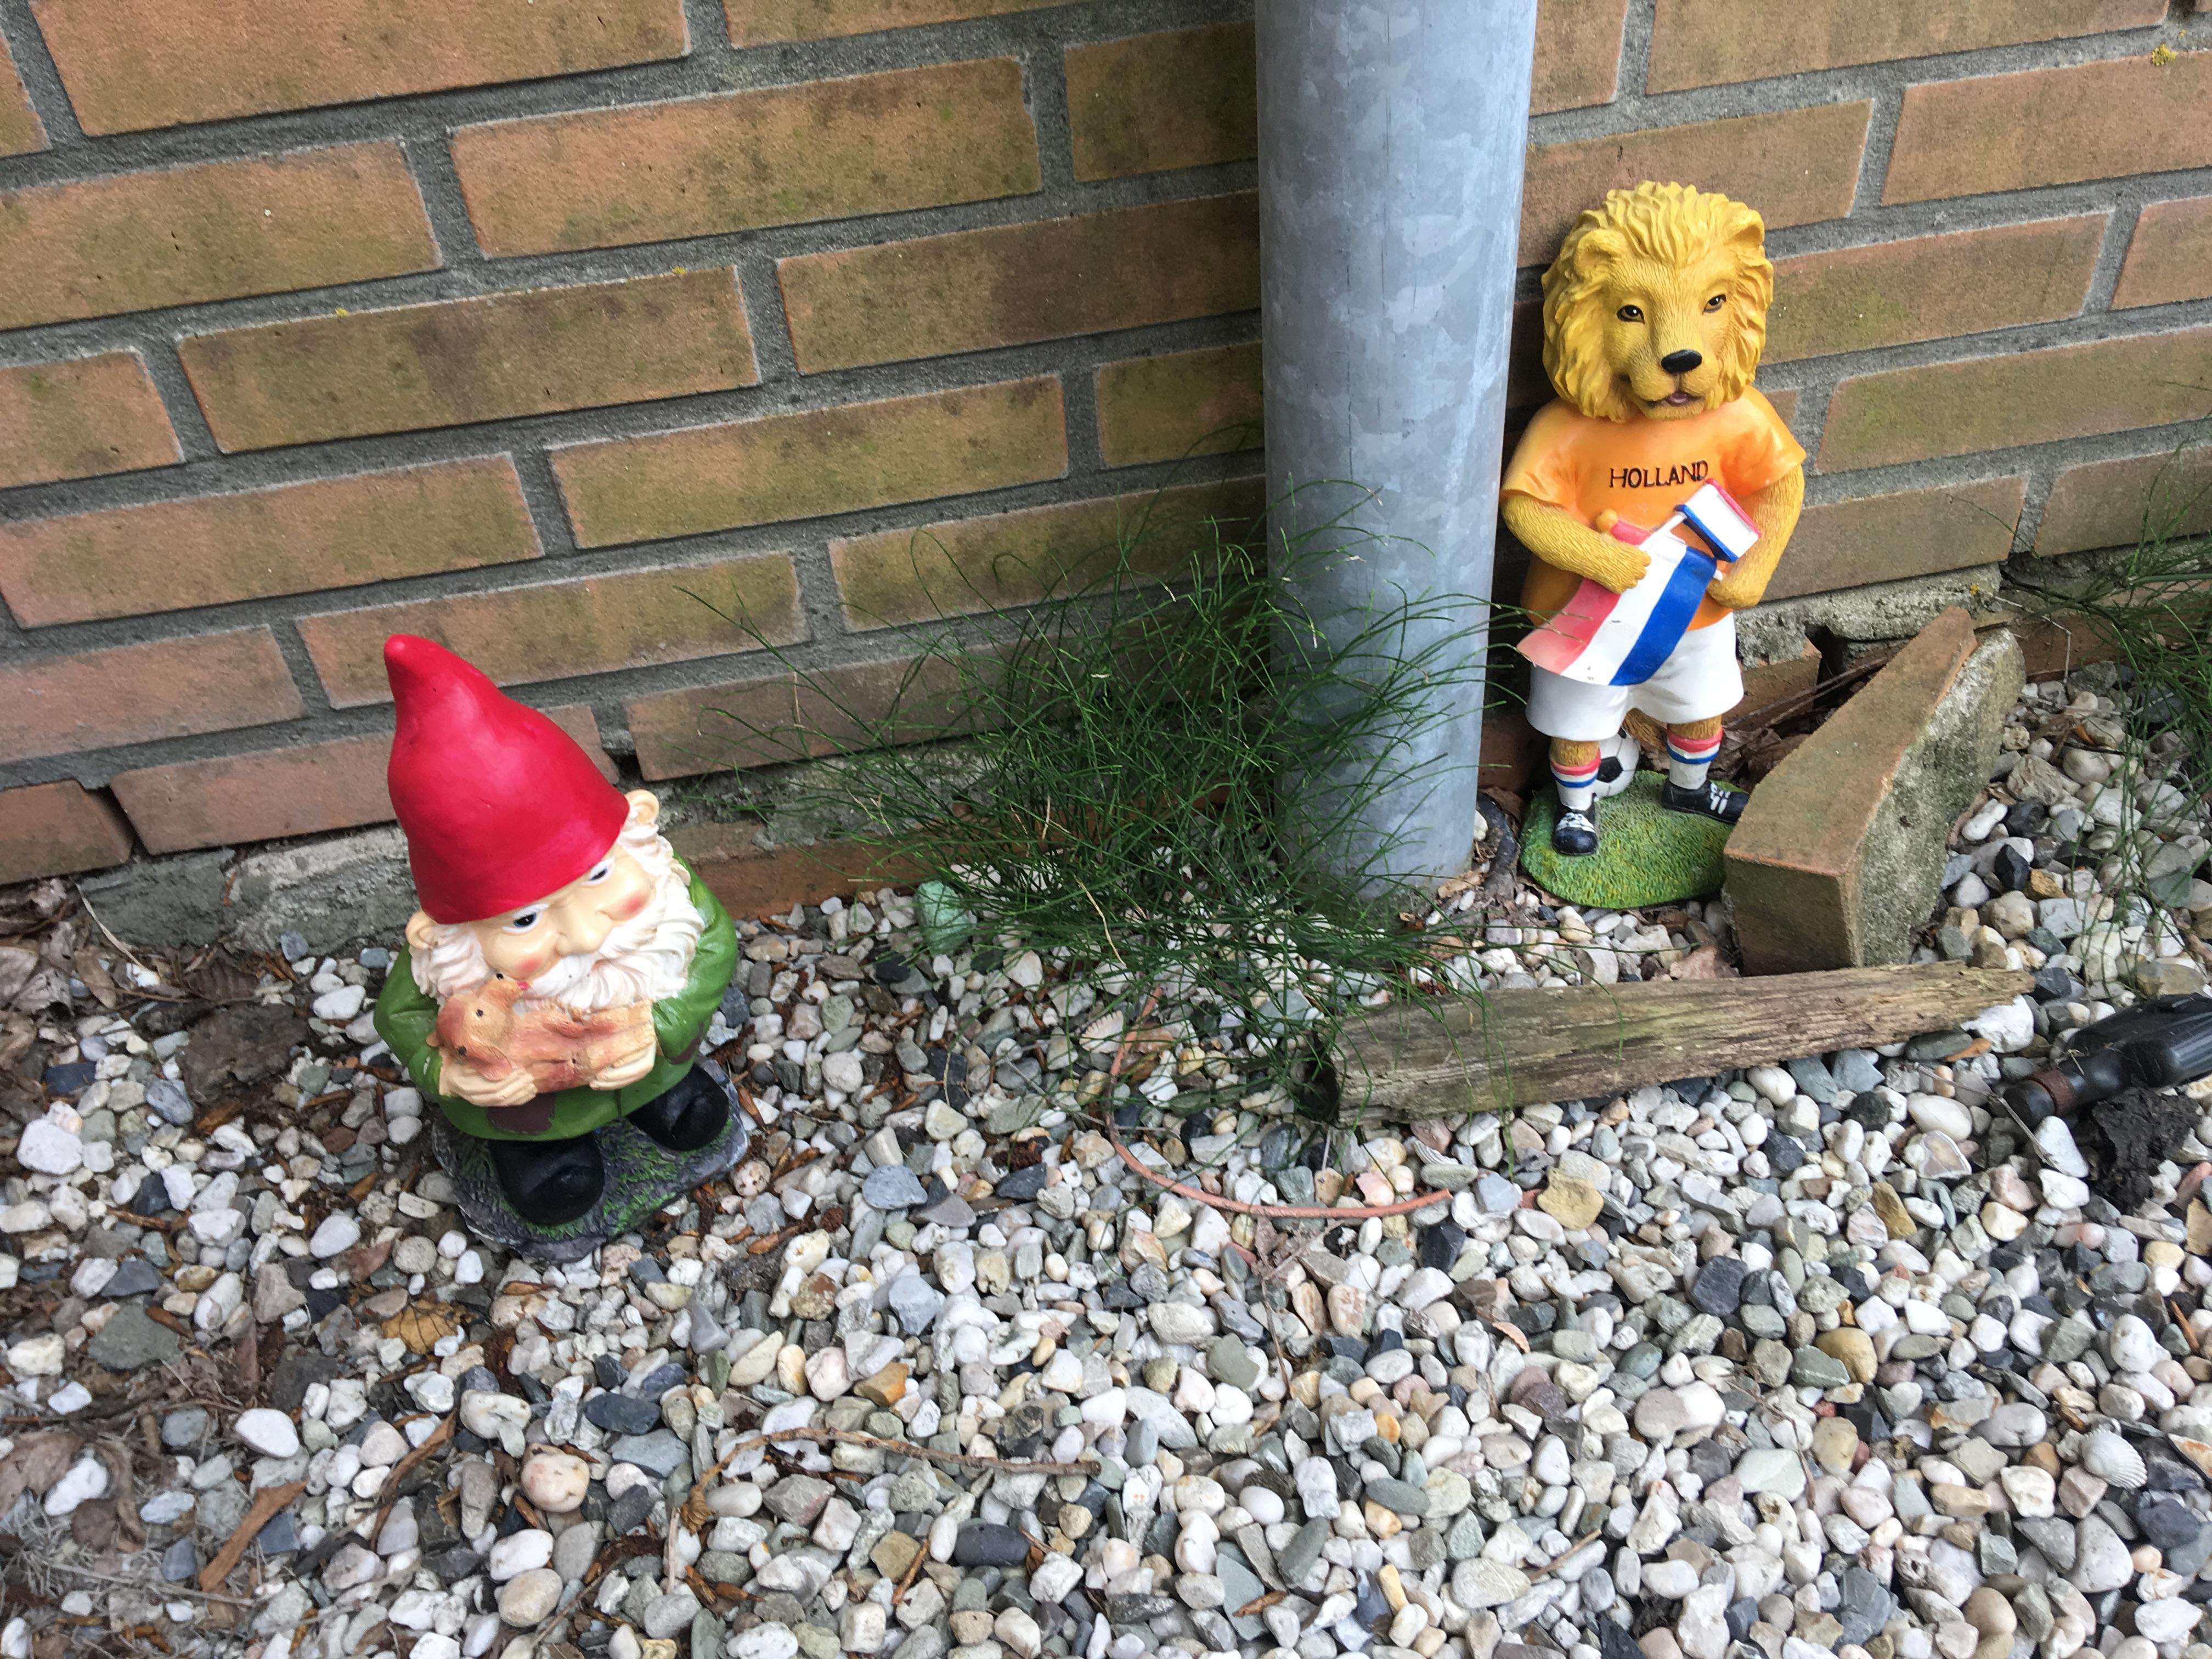 Column | Mysterieuze tuinkabouters in mijn tuin: een boze ex, het tuinkabouterbevrijdingsfront of gewoon mijn moeder?